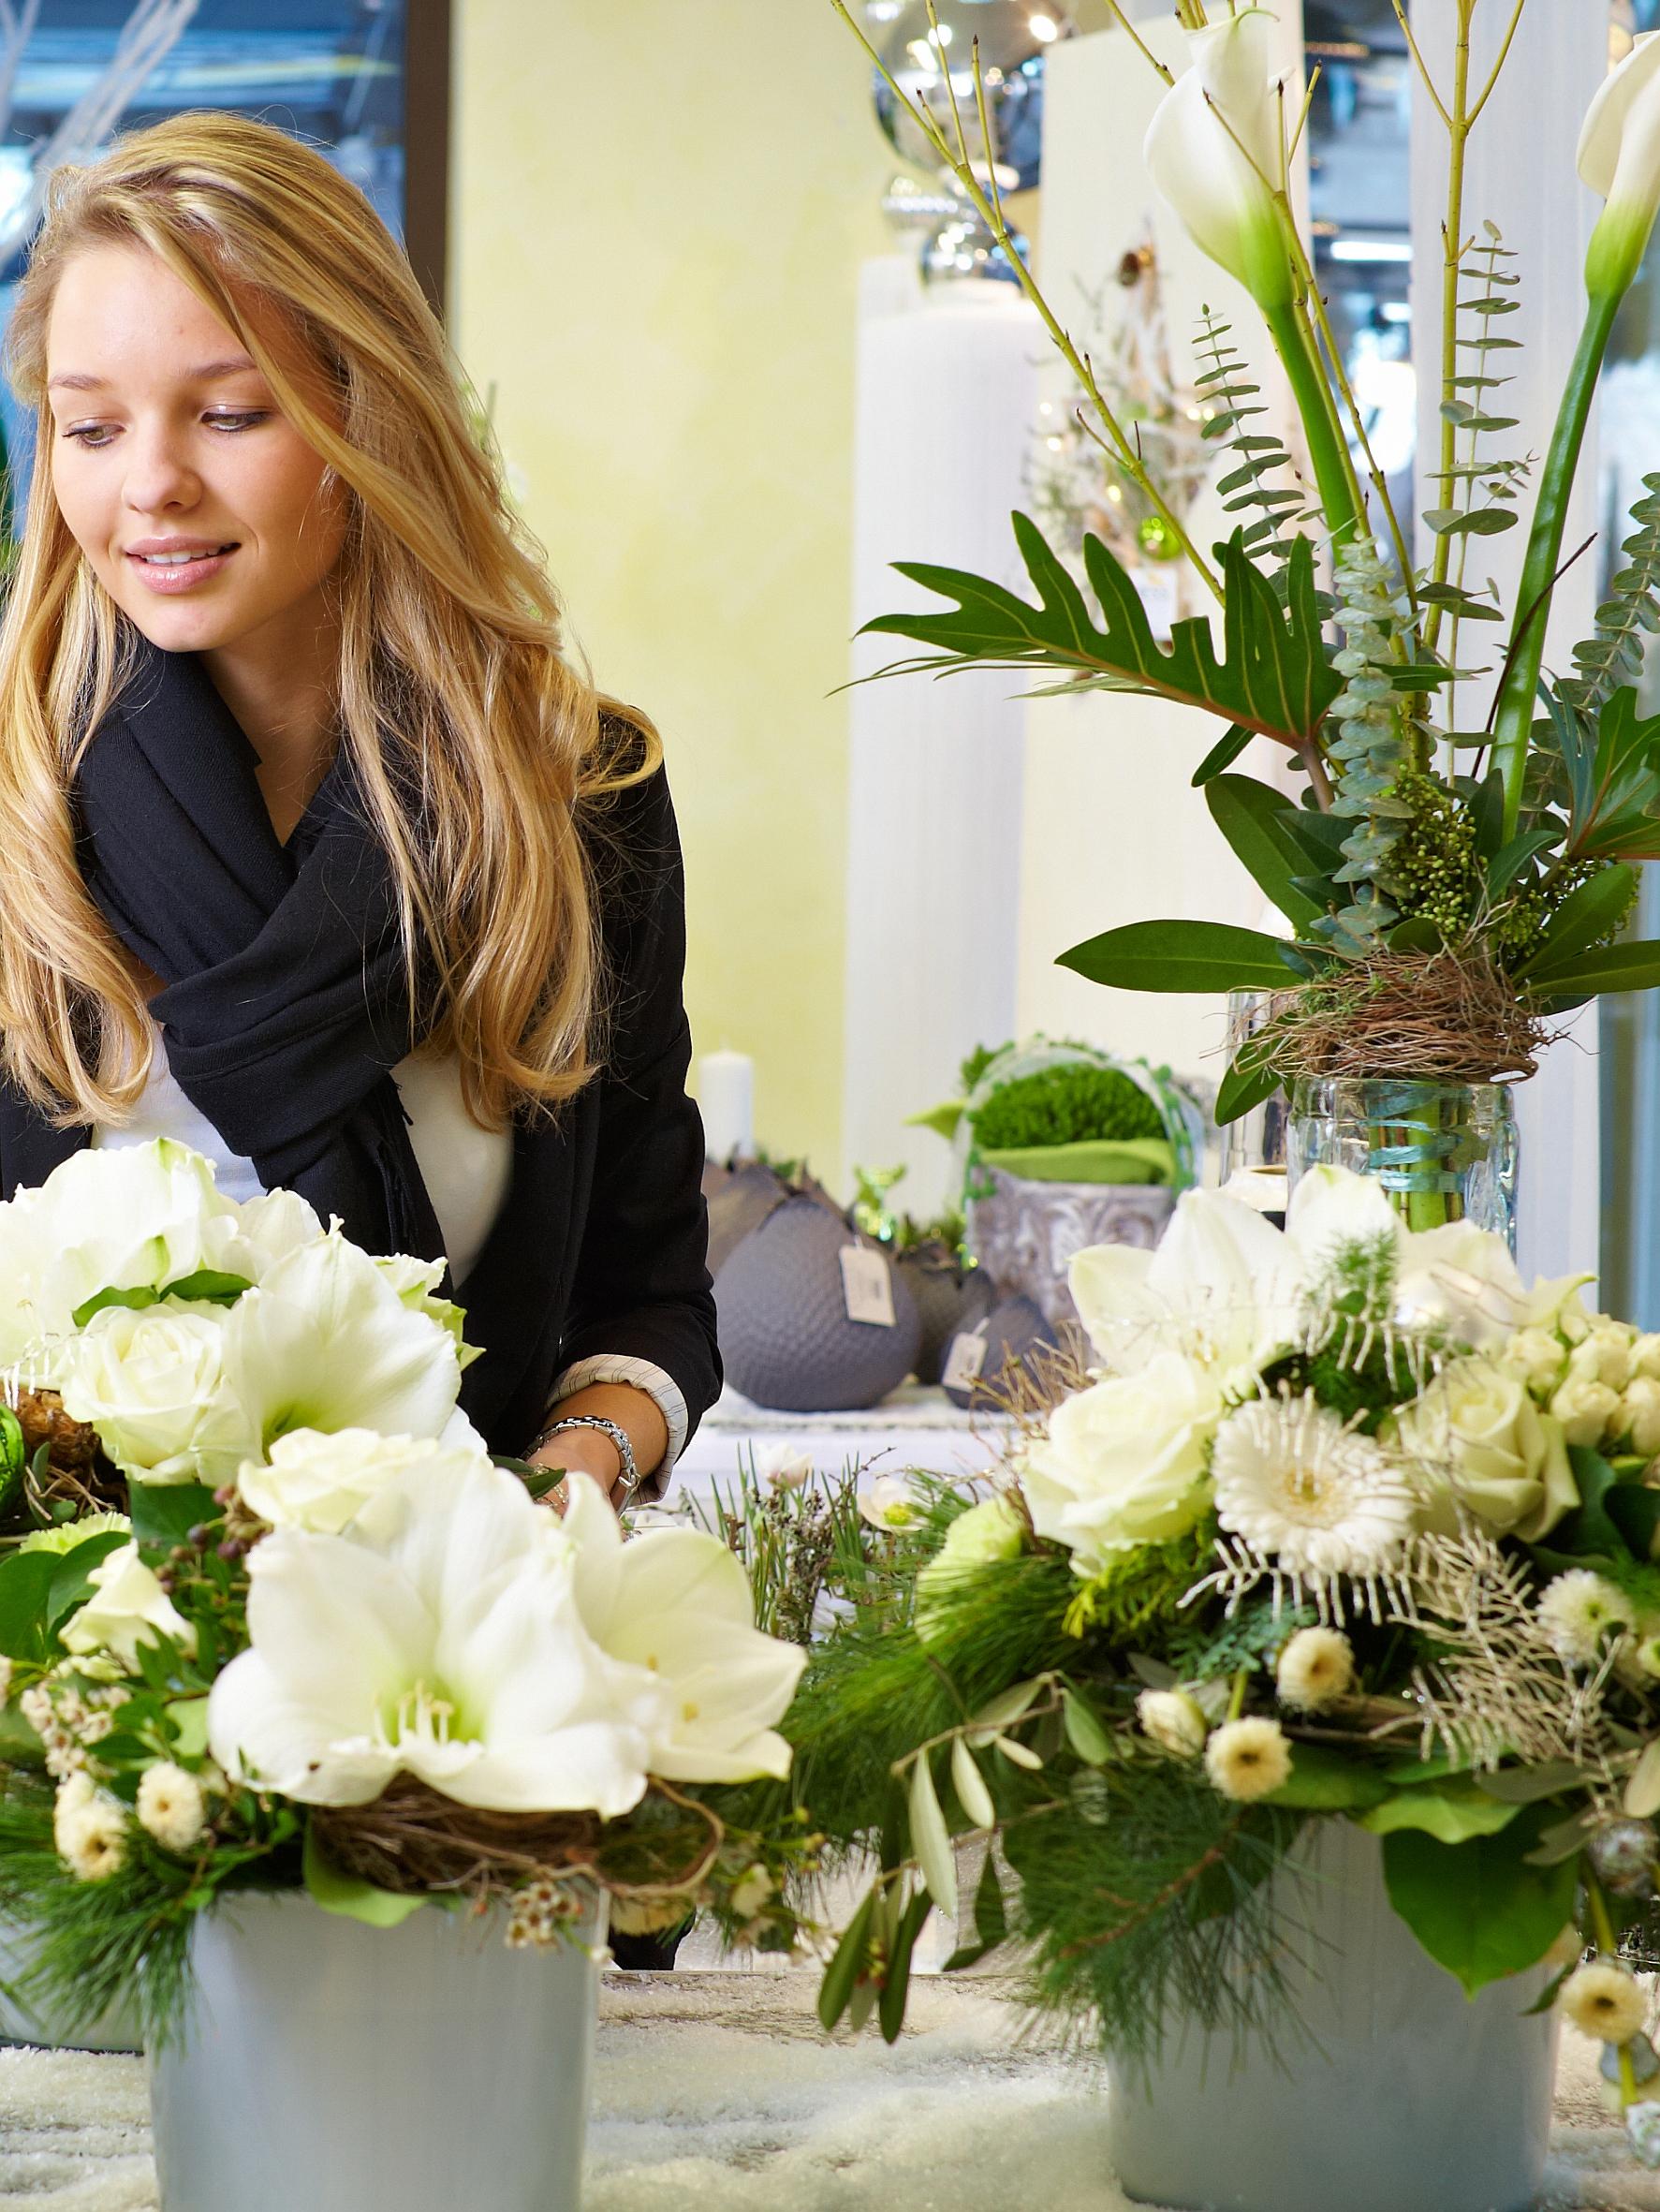 Blumenauswahl erhöht die Vorfreude aufs Hochzeitsfest